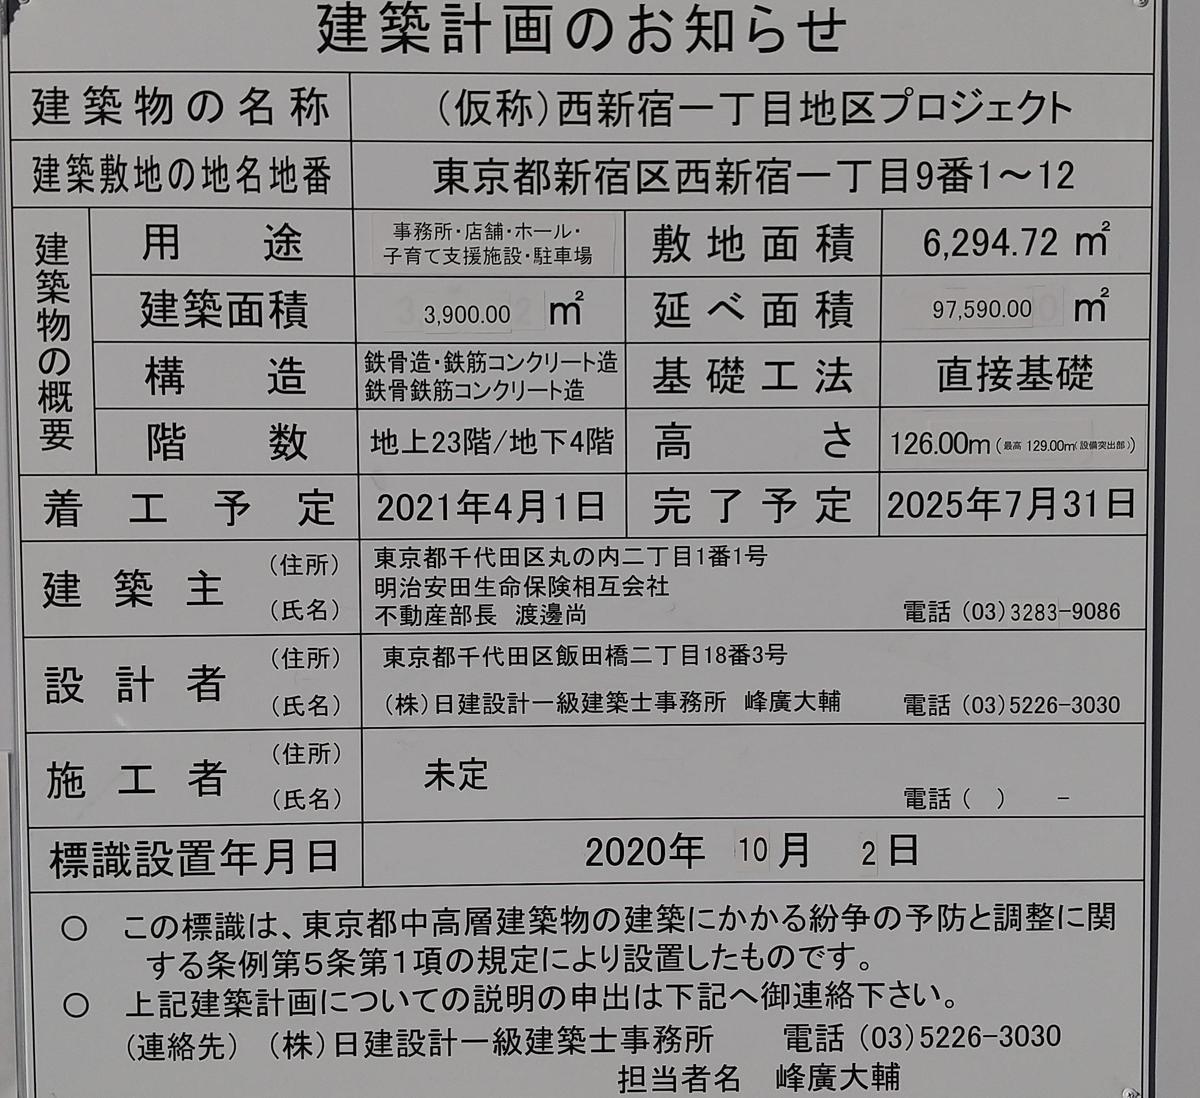 f:id:genta-san:20201223114831j:plain